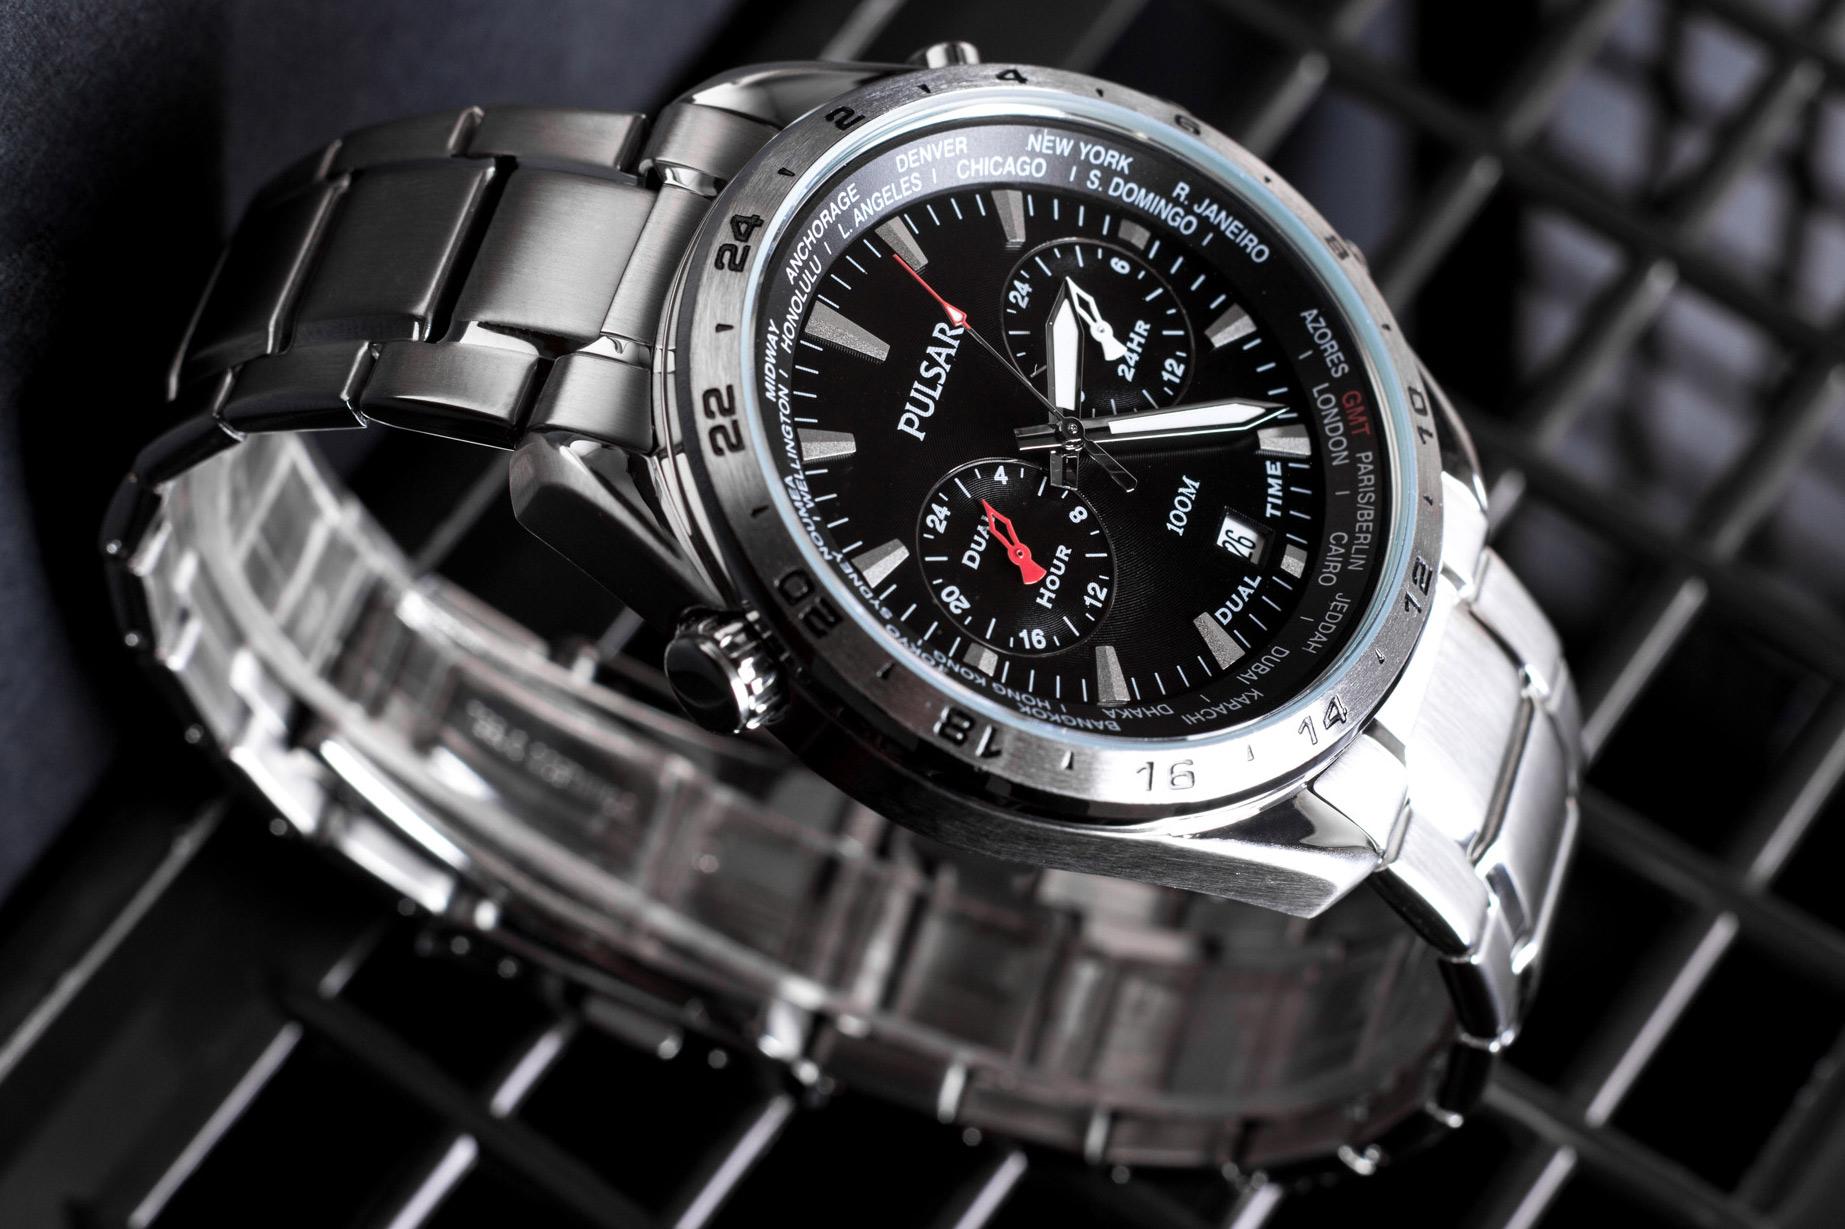 zegarek Pulsar czarna tarcza